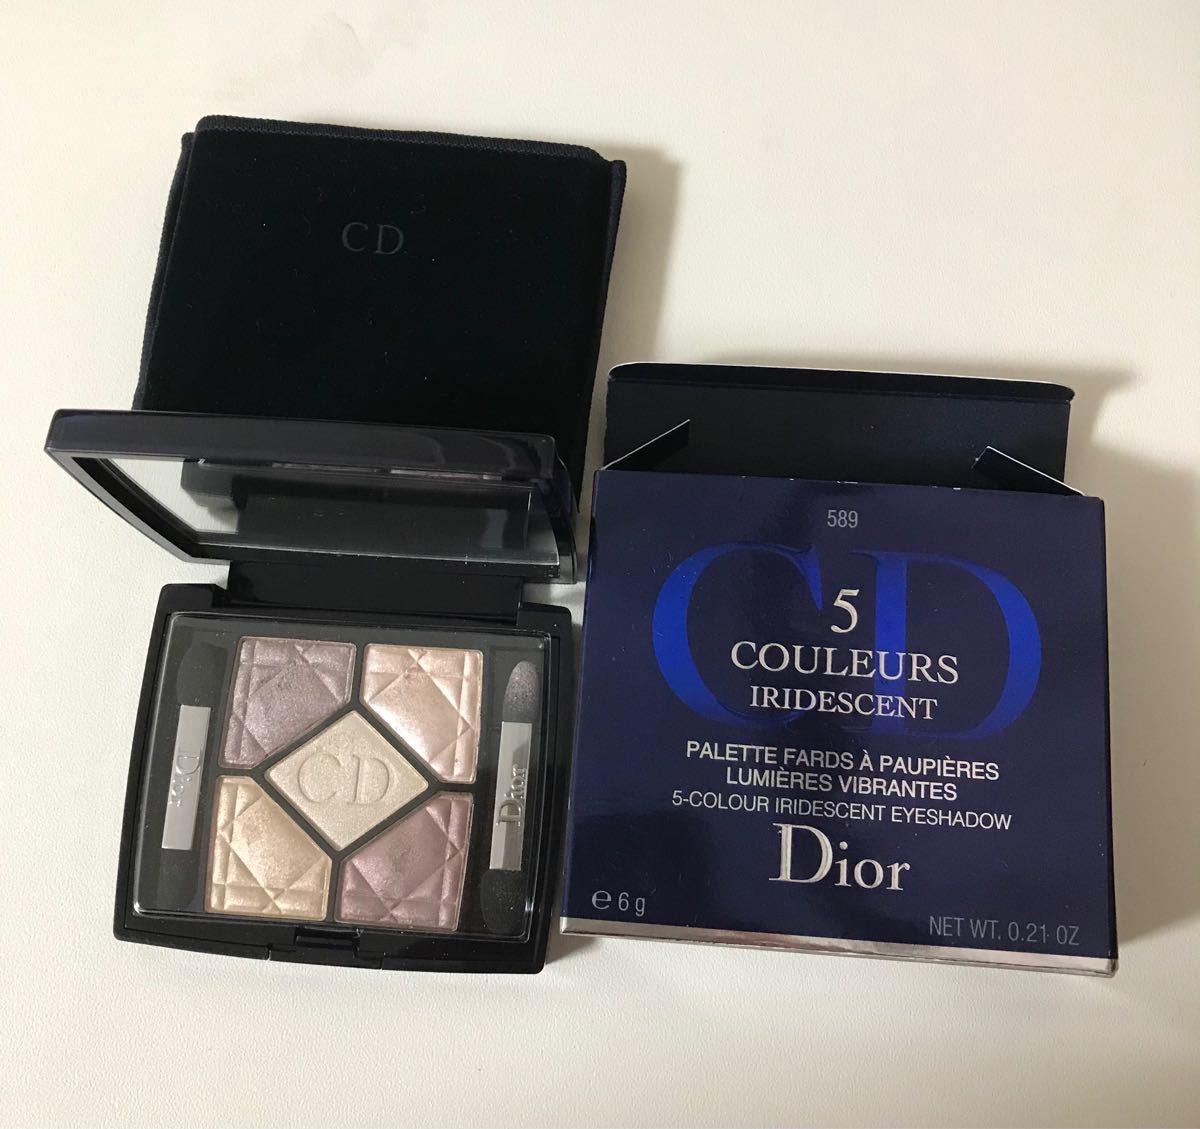 Dior ディオール サンククルール イリディセント 589 GOLDFEVER ゴールドフィーバー アイシャドウ